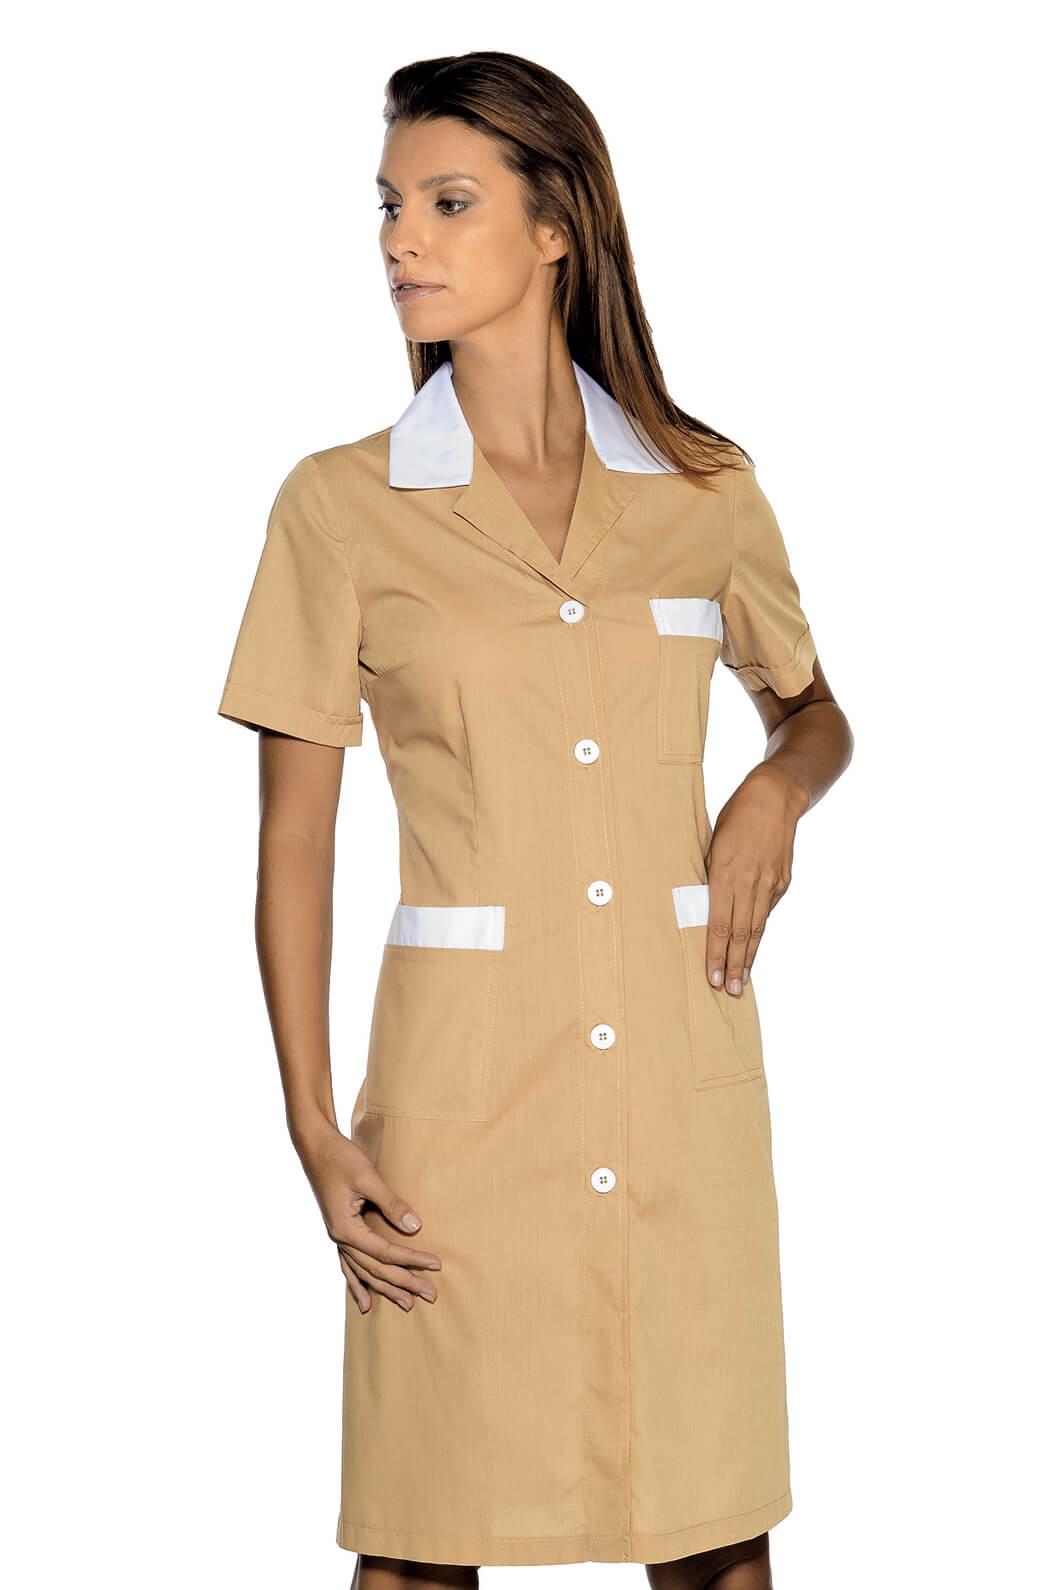 blouse de travail manches courtes positano biscuit blanc. Black Bedroom Furniture Sets. Home Design Ideas